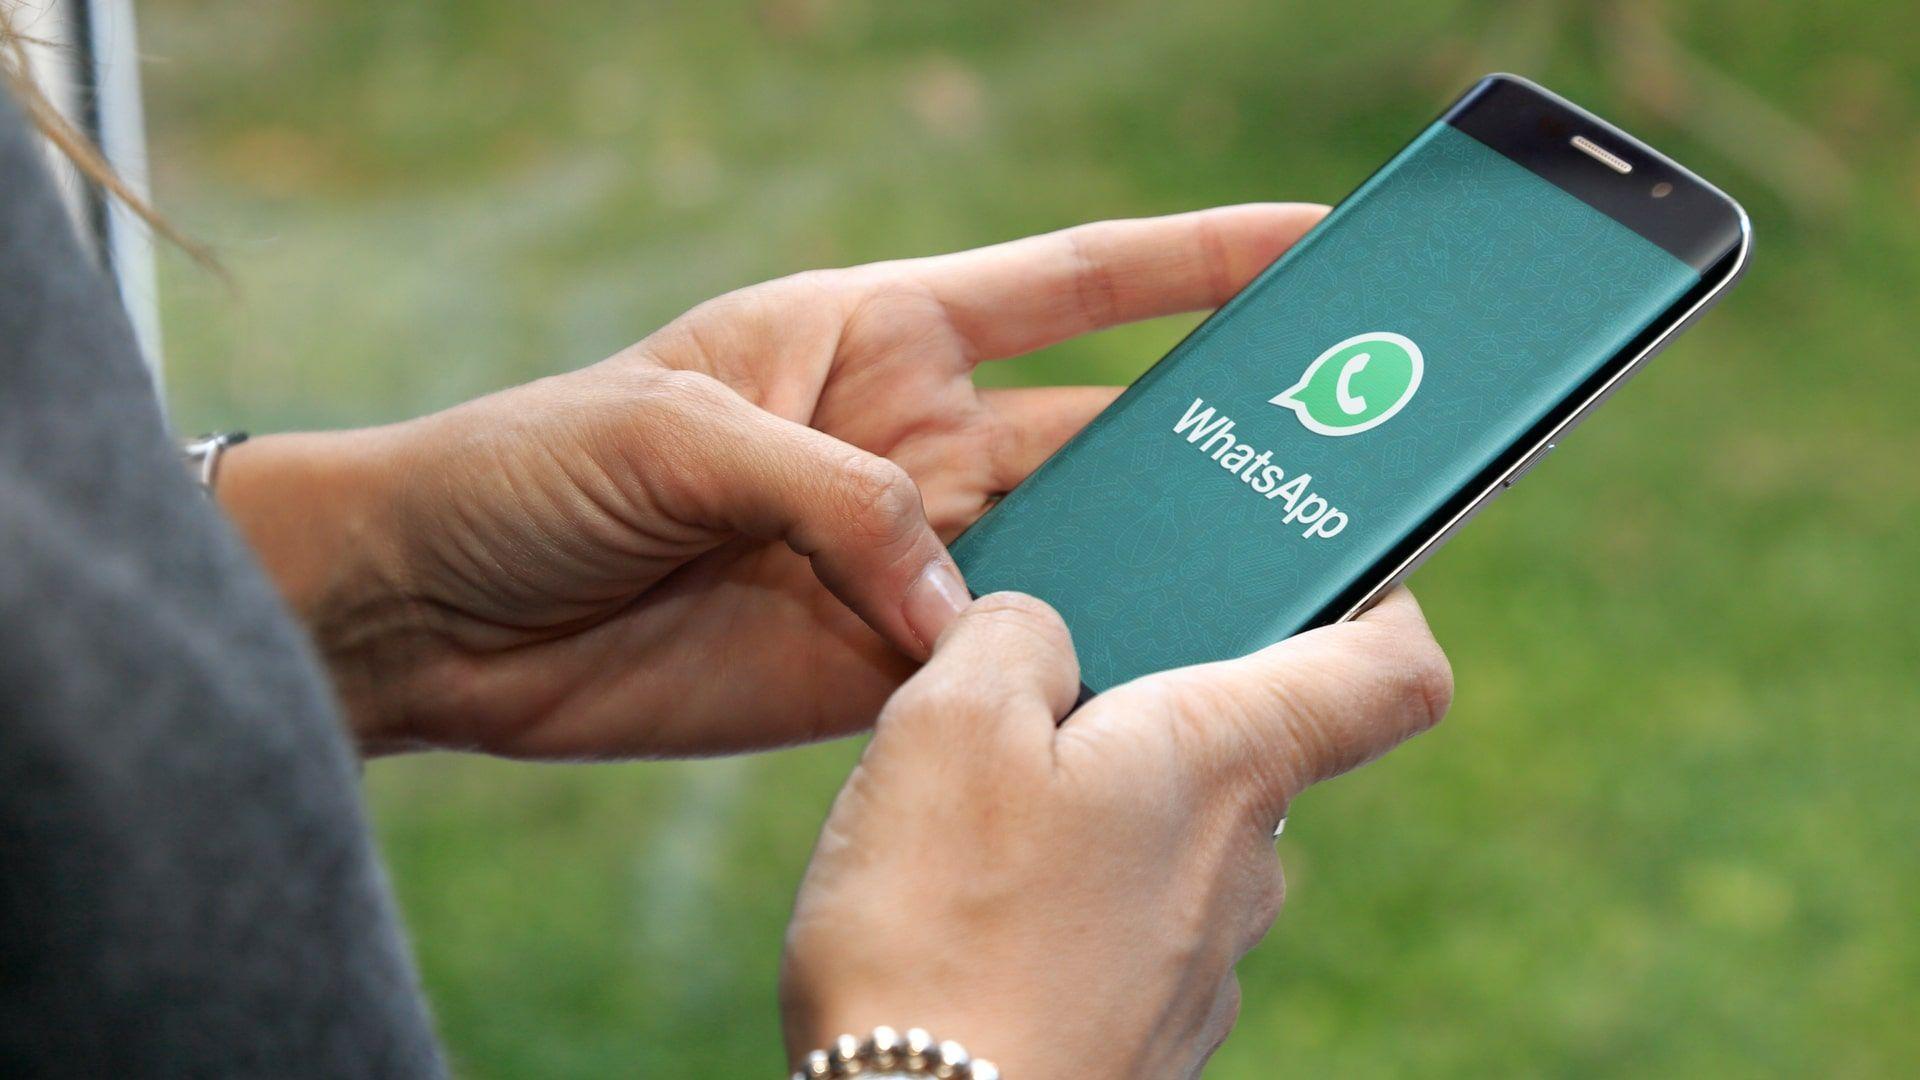 Como recuperar mensagens apagadas do WhatsApp? App faz backup no próprio dispositivo Android (Foto: Shutterstock)